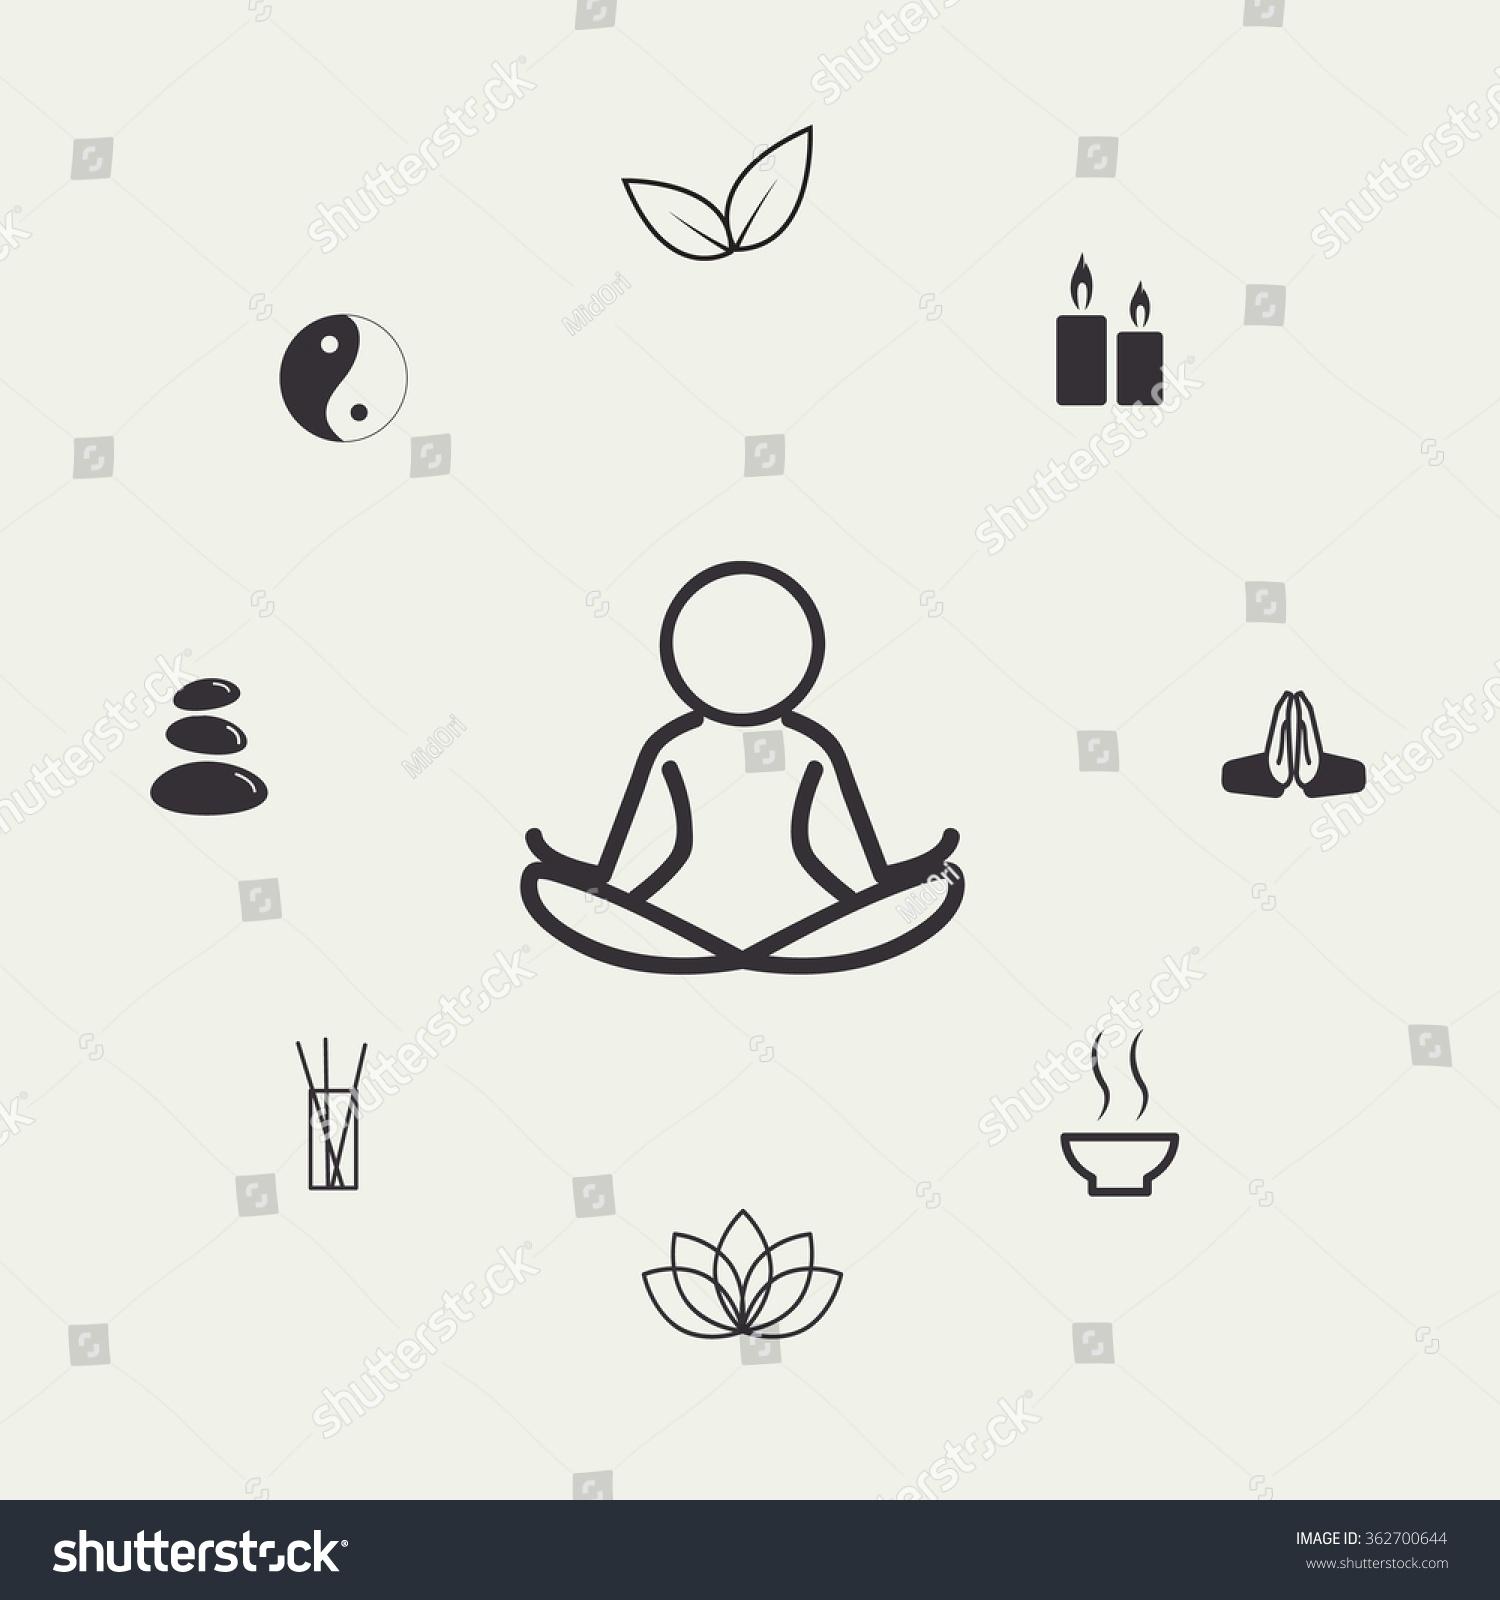 Zen Line Art : Line art zen meditation set stock vector illustration